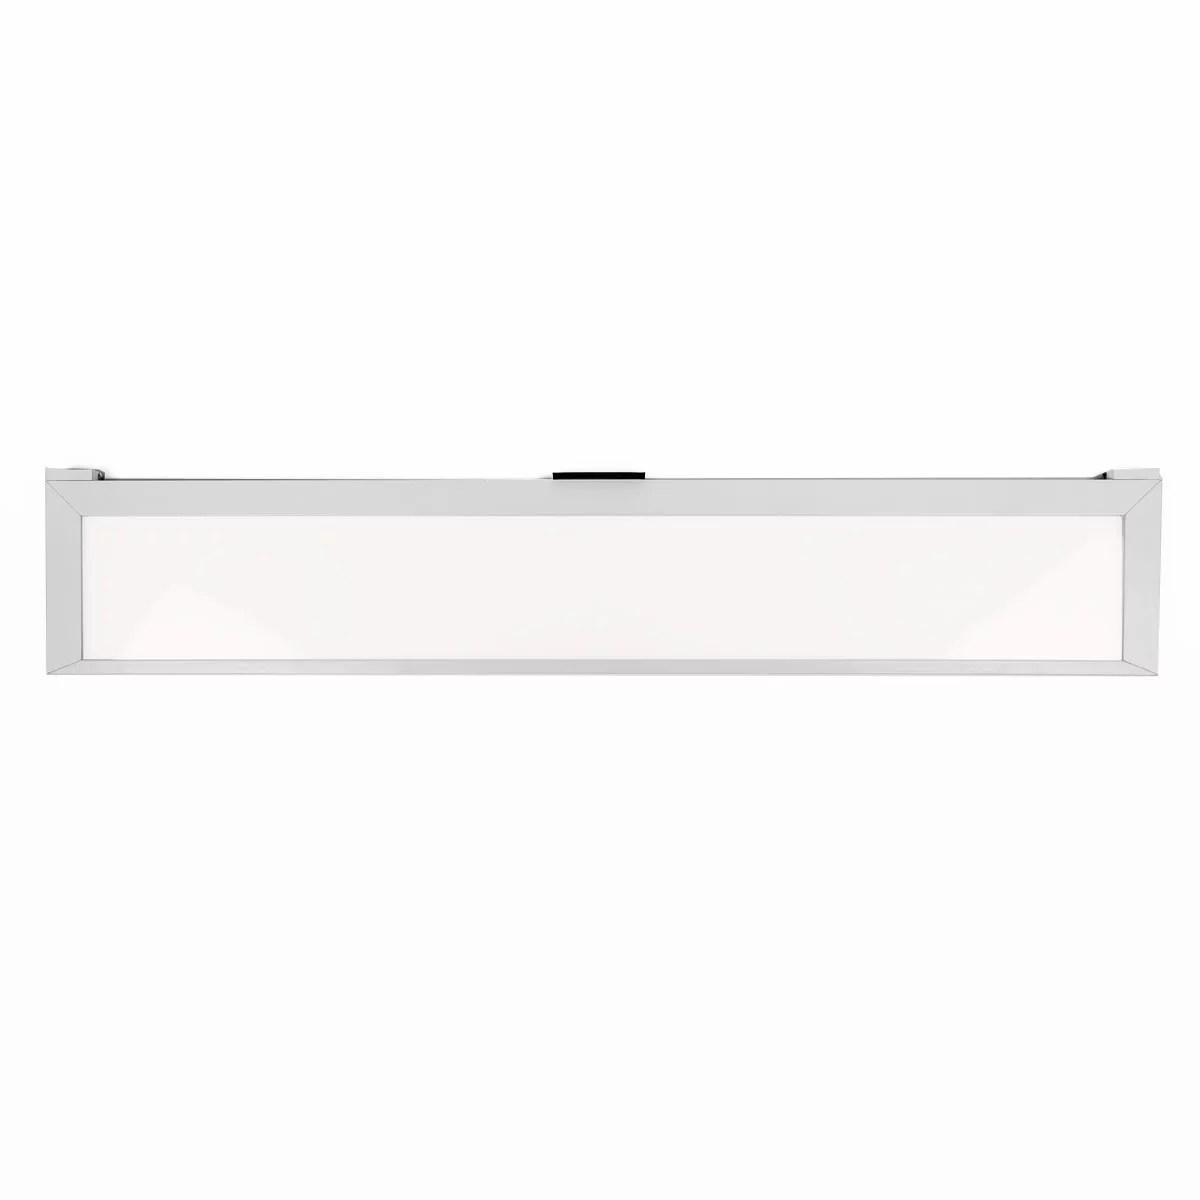 wac lighting ln led24p line 2 0 24 led low voltage under cabinet light bar linkable